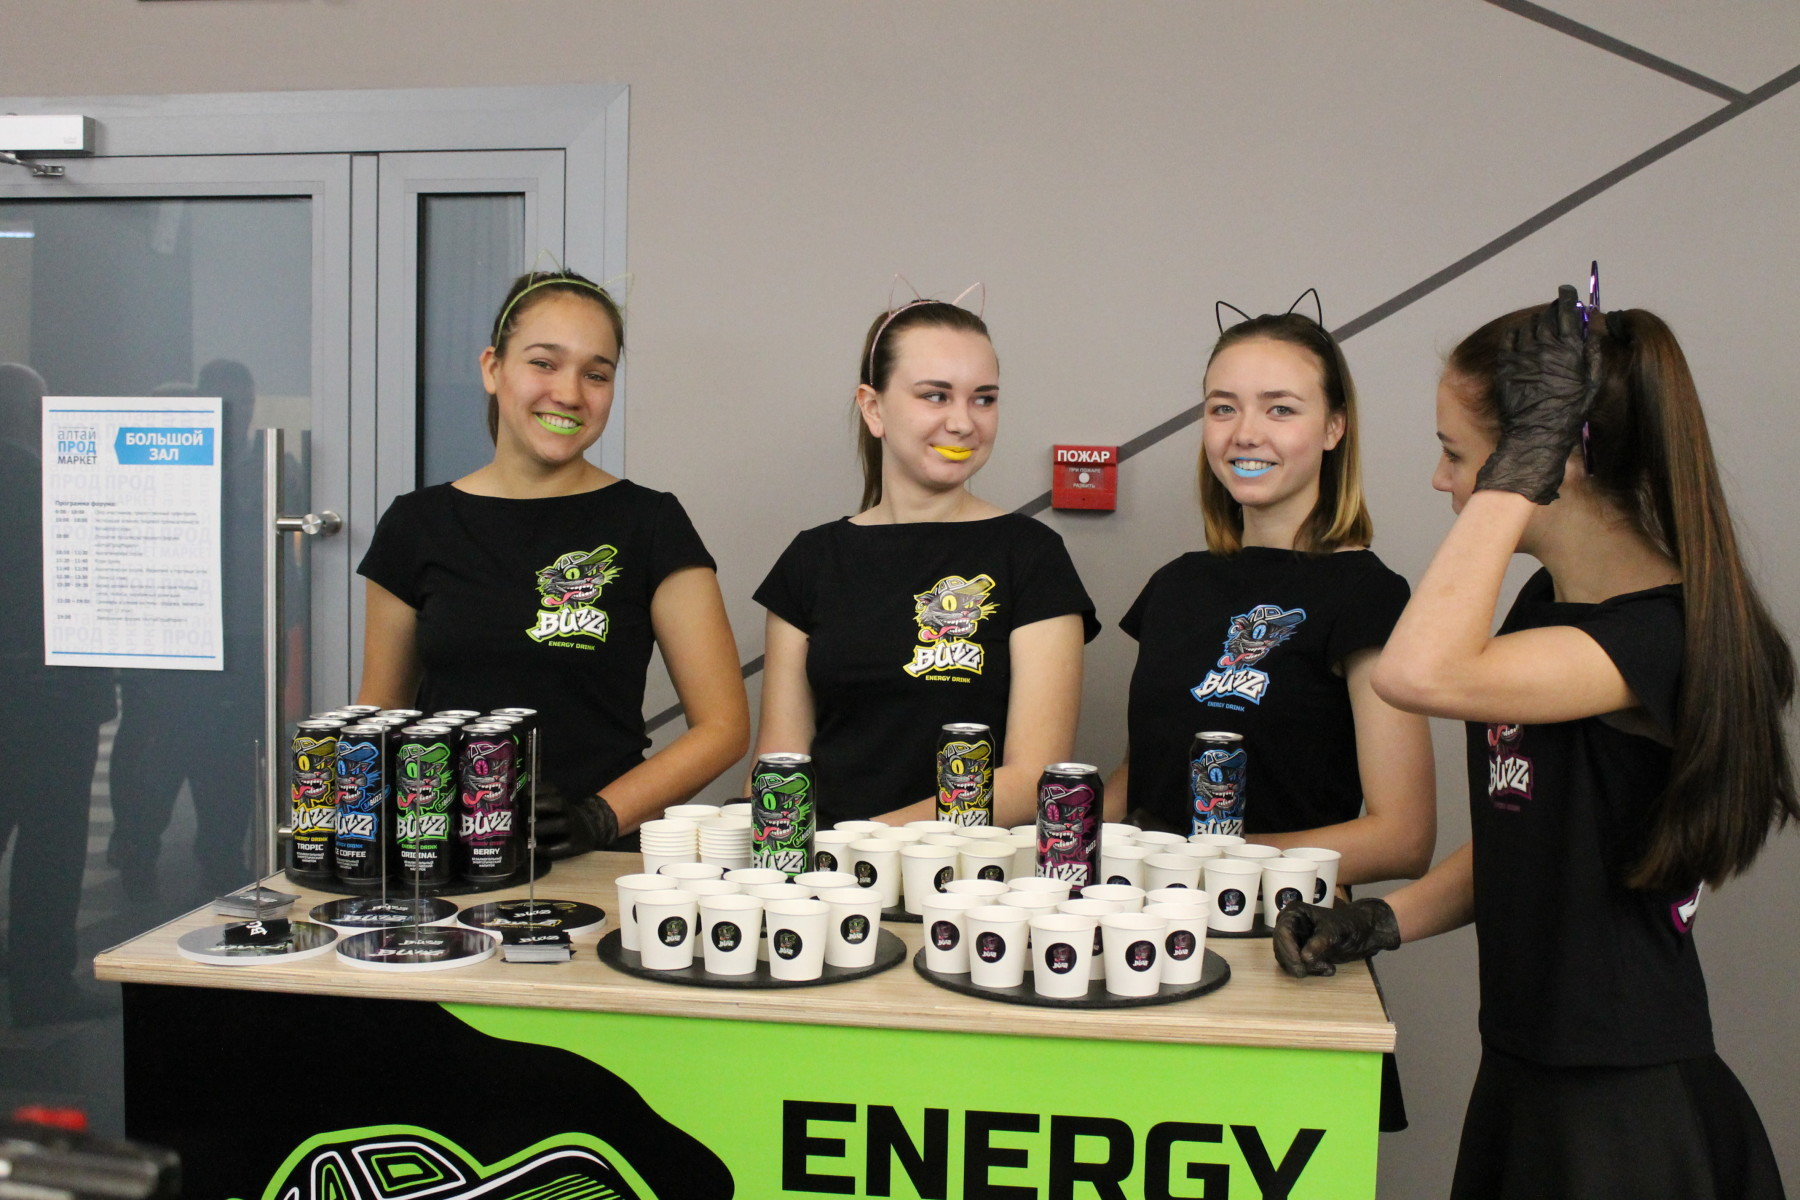 БПЗ представил новую линейку энергетиков на форуме «АлтайПродМаркет»